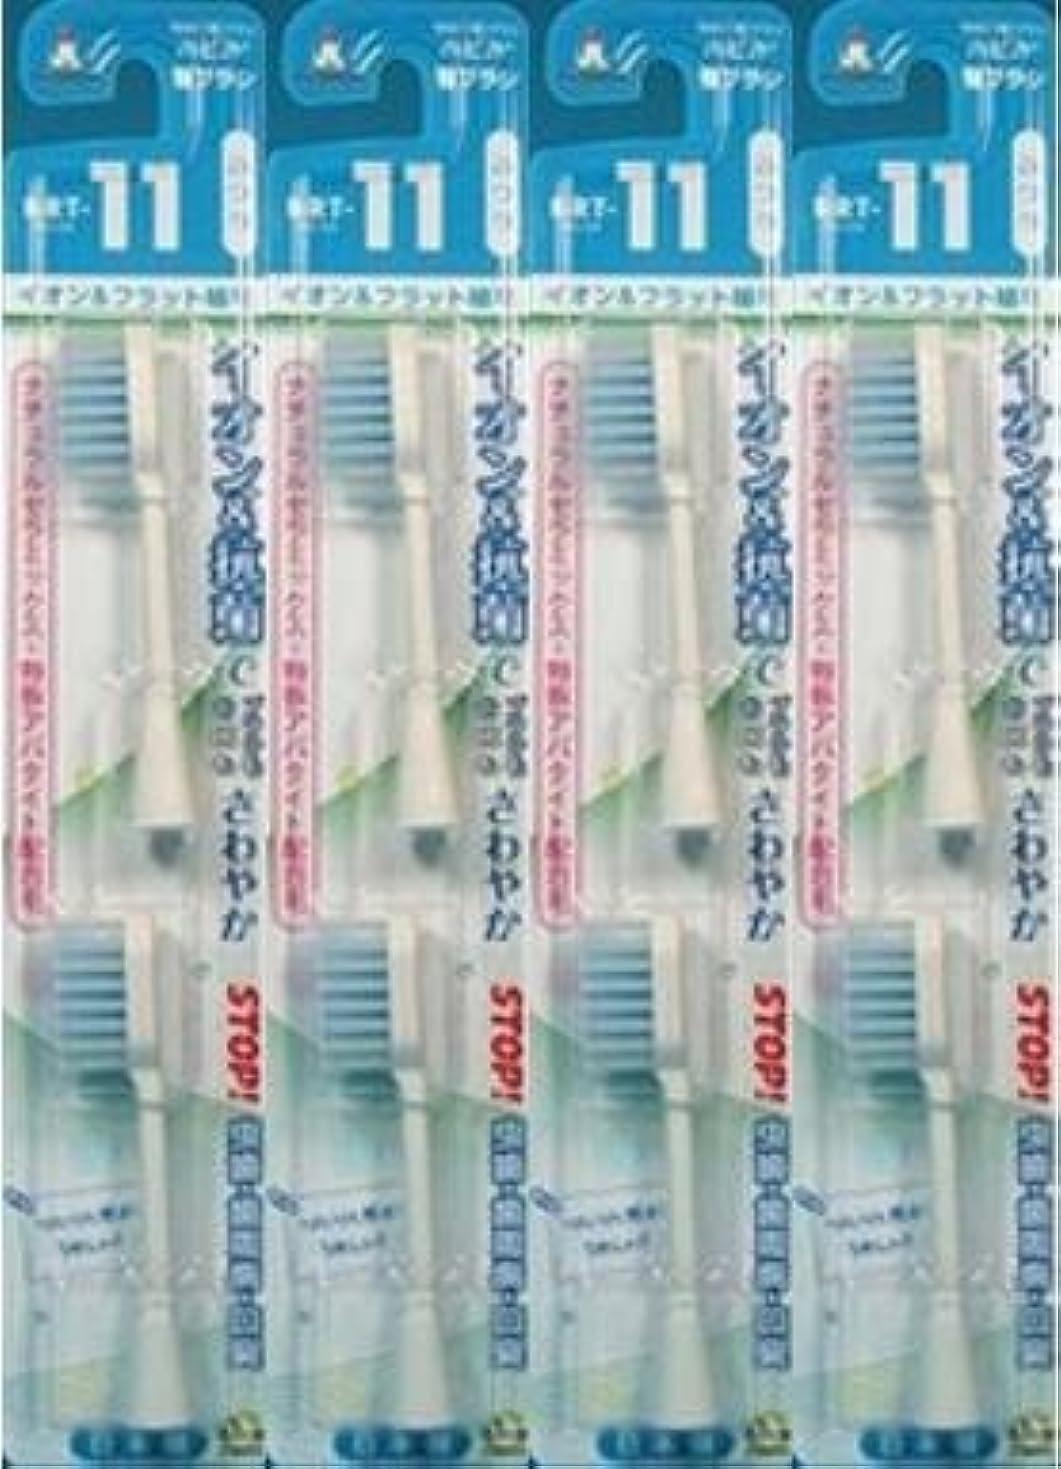 鰐裏切り幸運な電動歯ブラシ ハピカ専用替ブラシふつう フラット マイナスイオン2本入(BRT-11)×4個セット